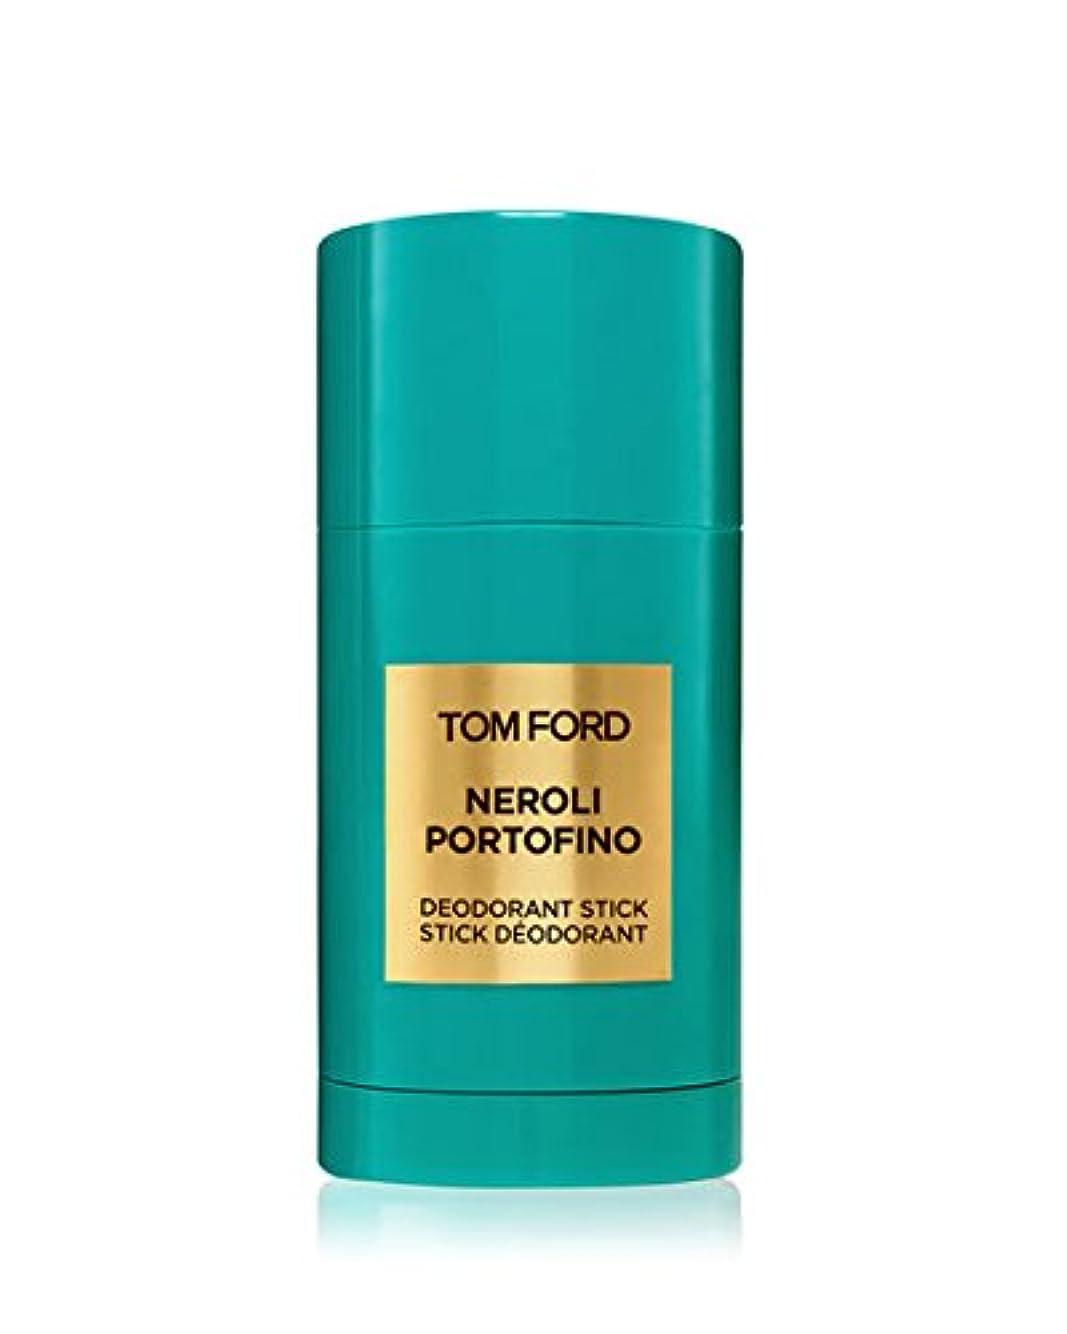 掻く勢い使役Tom Ford Private Blend 'Neroli Portofino' (トムフォード プライベートブレンド ネロリポートフィーノ) Deodorant Stick (デオドラント スティック)